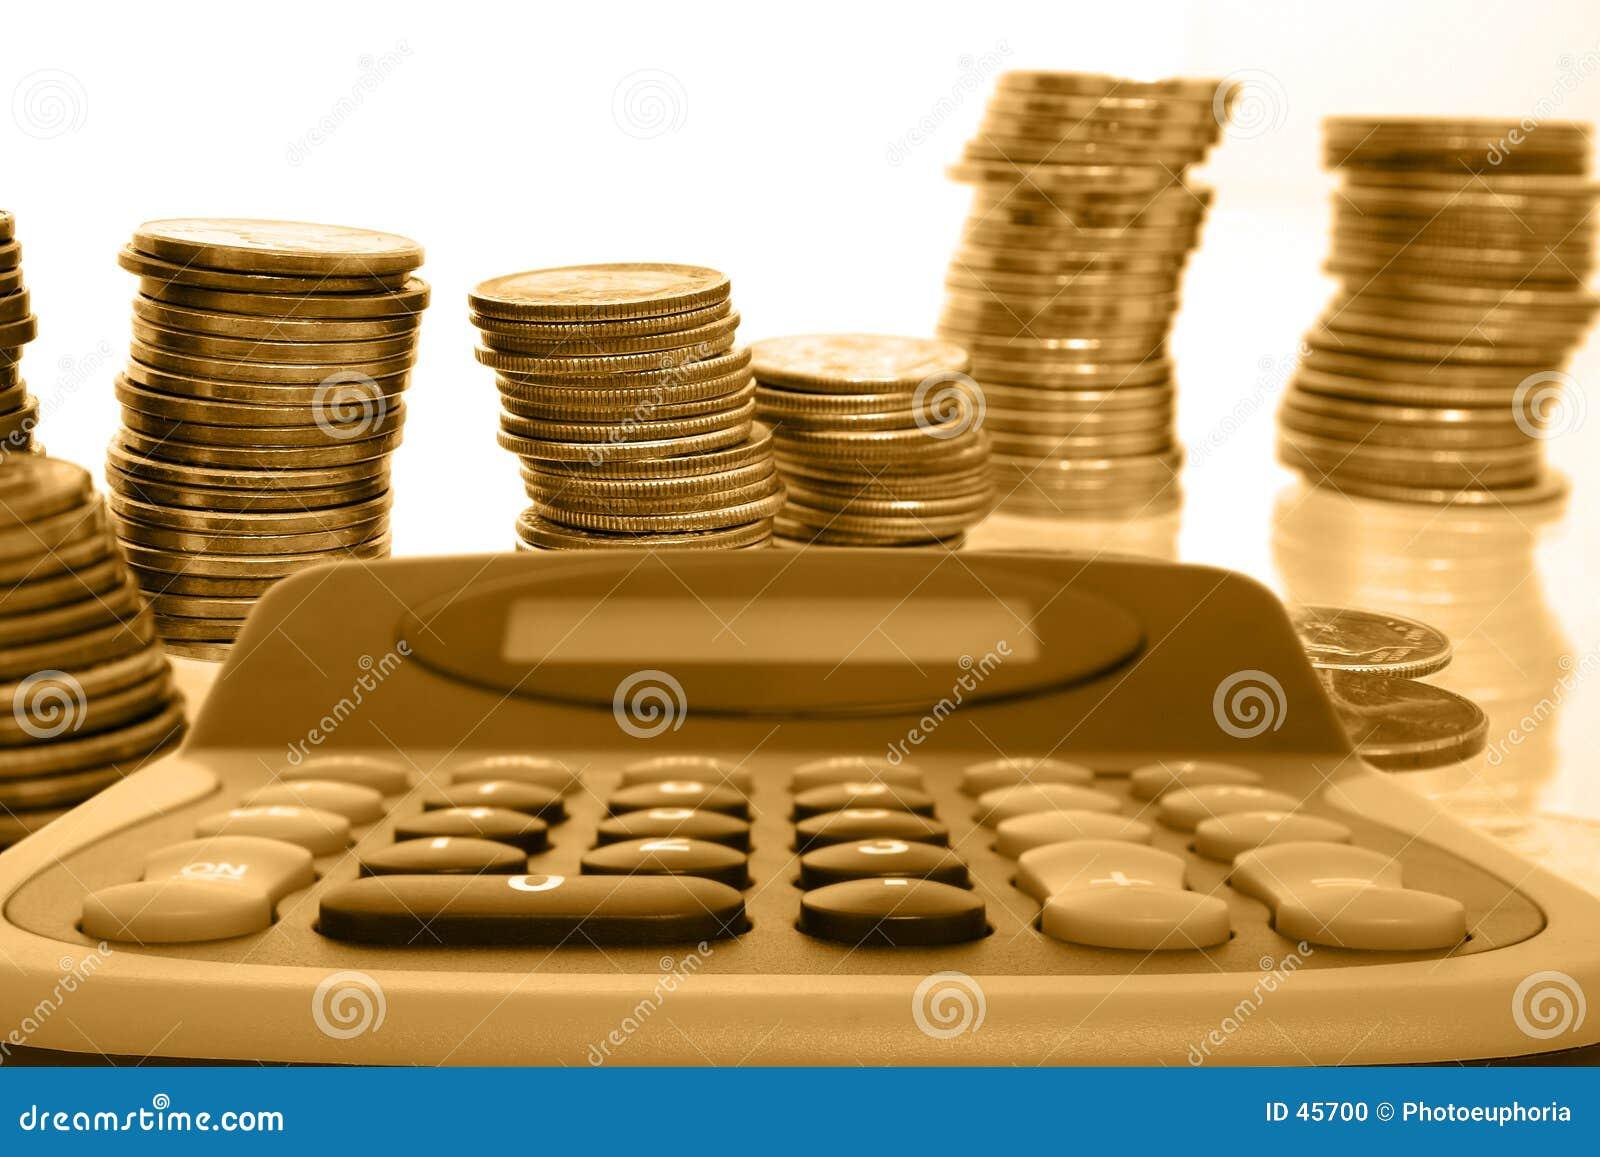 στοίβες χρημάτων νομισμάτων υπολογιστών